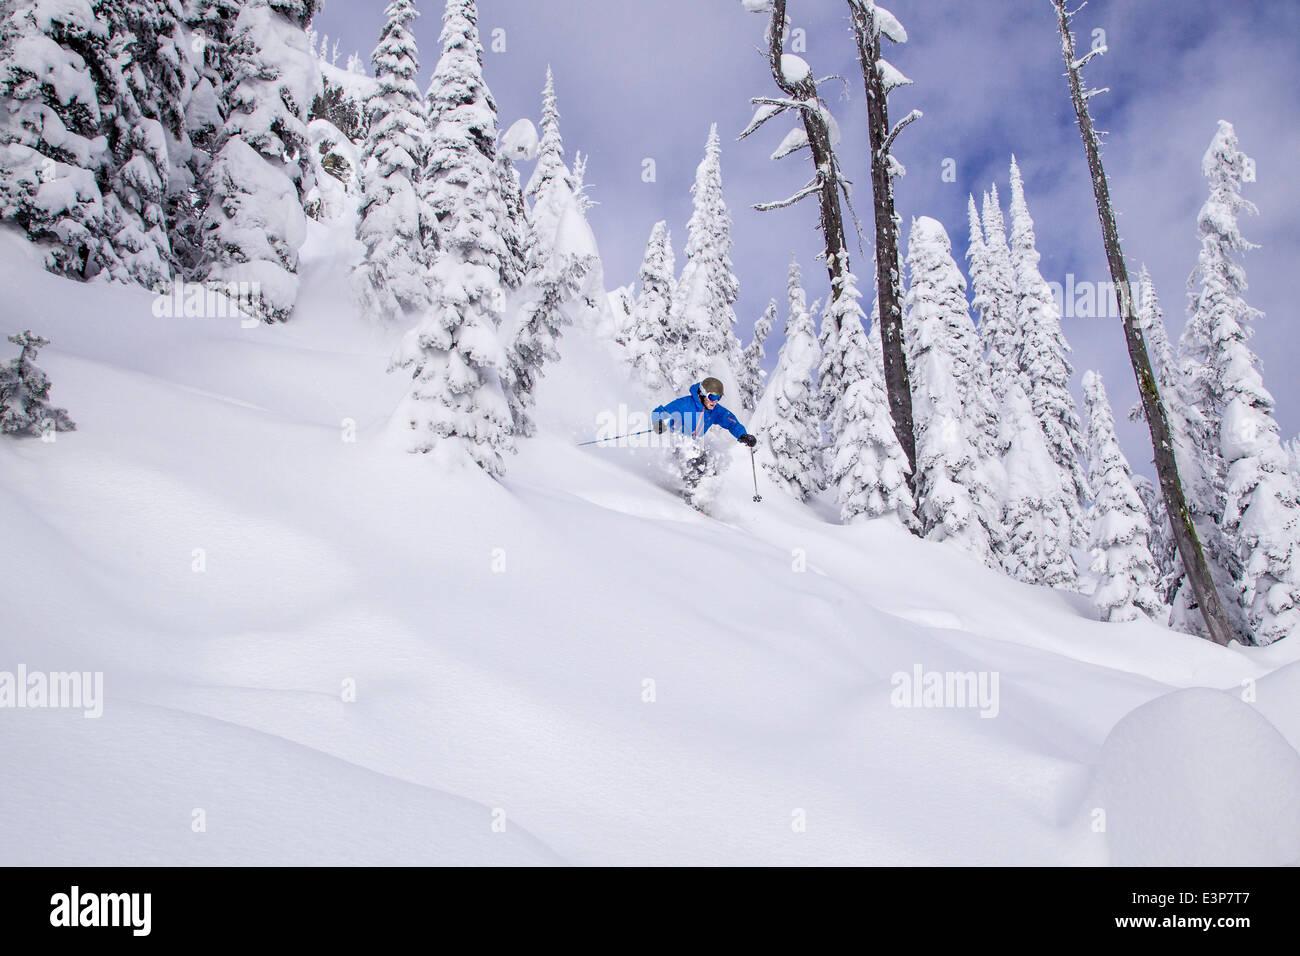 whitefish mountain resort stock photos & whitefish mountain resort